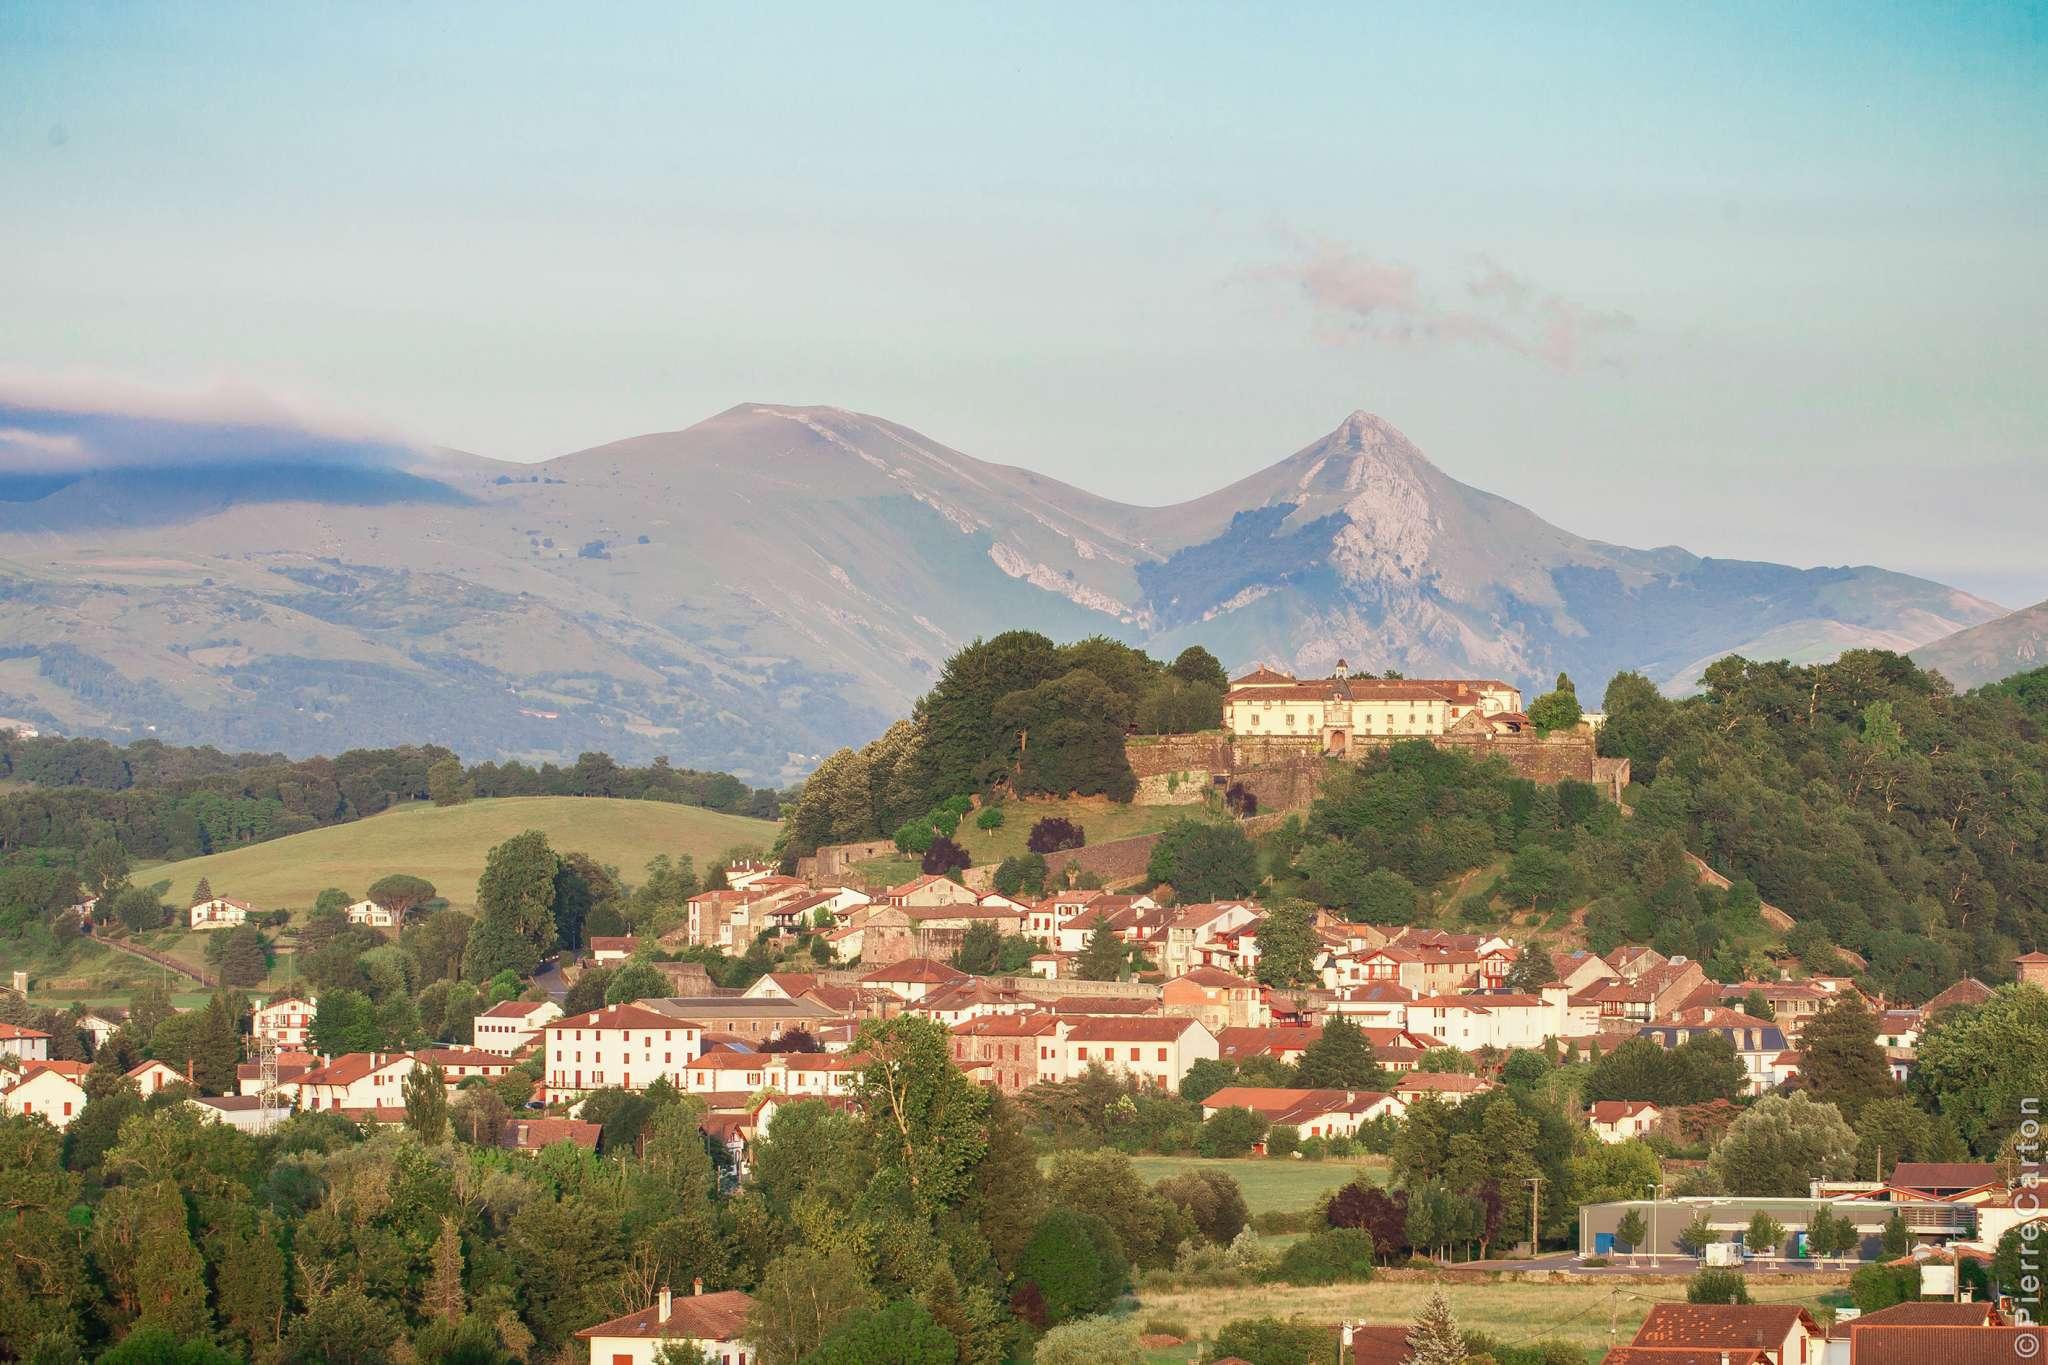 vue-citadelle-et-pic-behorleguy-bd-carton